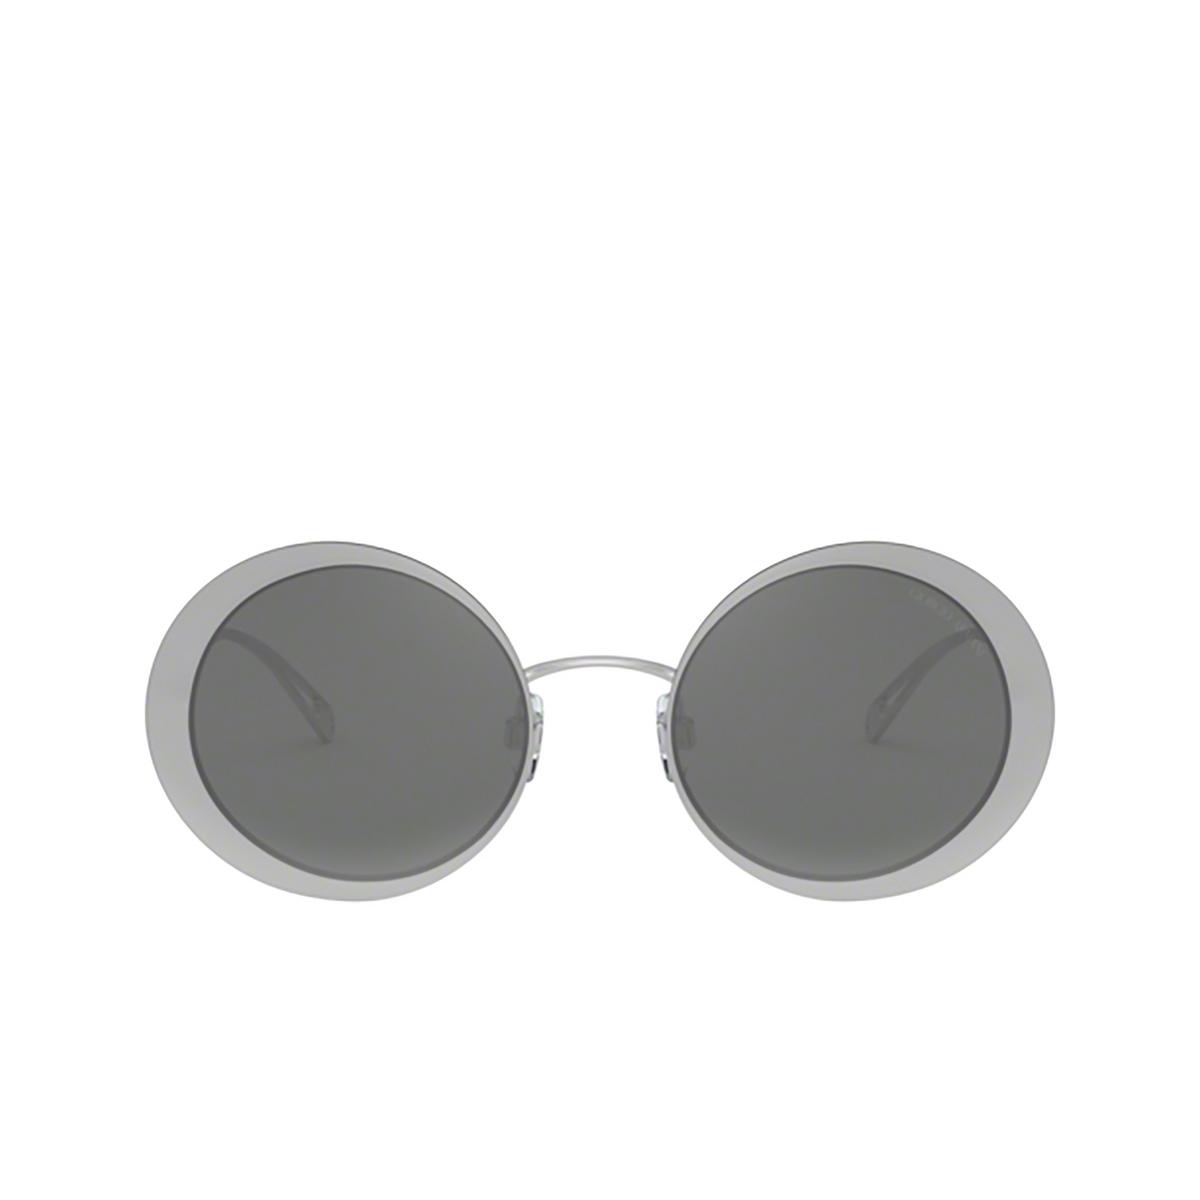 Giorgio Armani® Round Sunglasses: AR6087 color 30156G - front view.